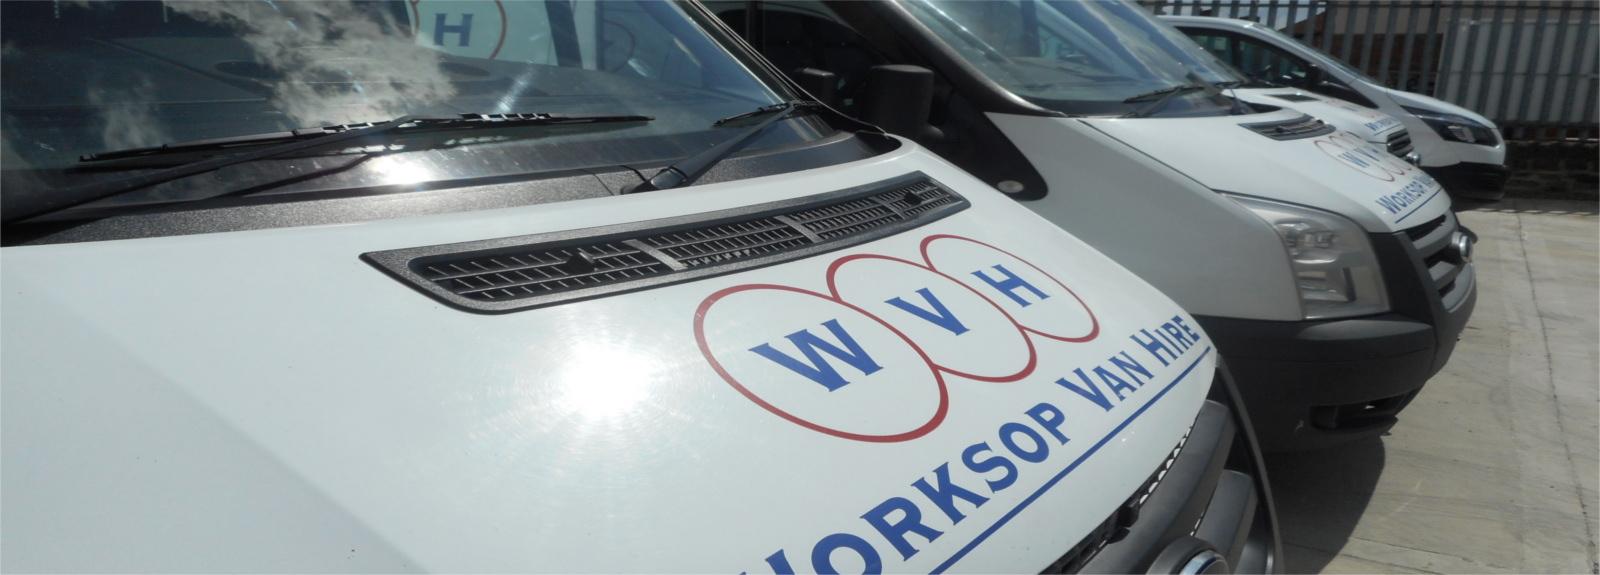 Welcome To Worksop Van Hire Van Rental In Nottinghamshire Van Hire